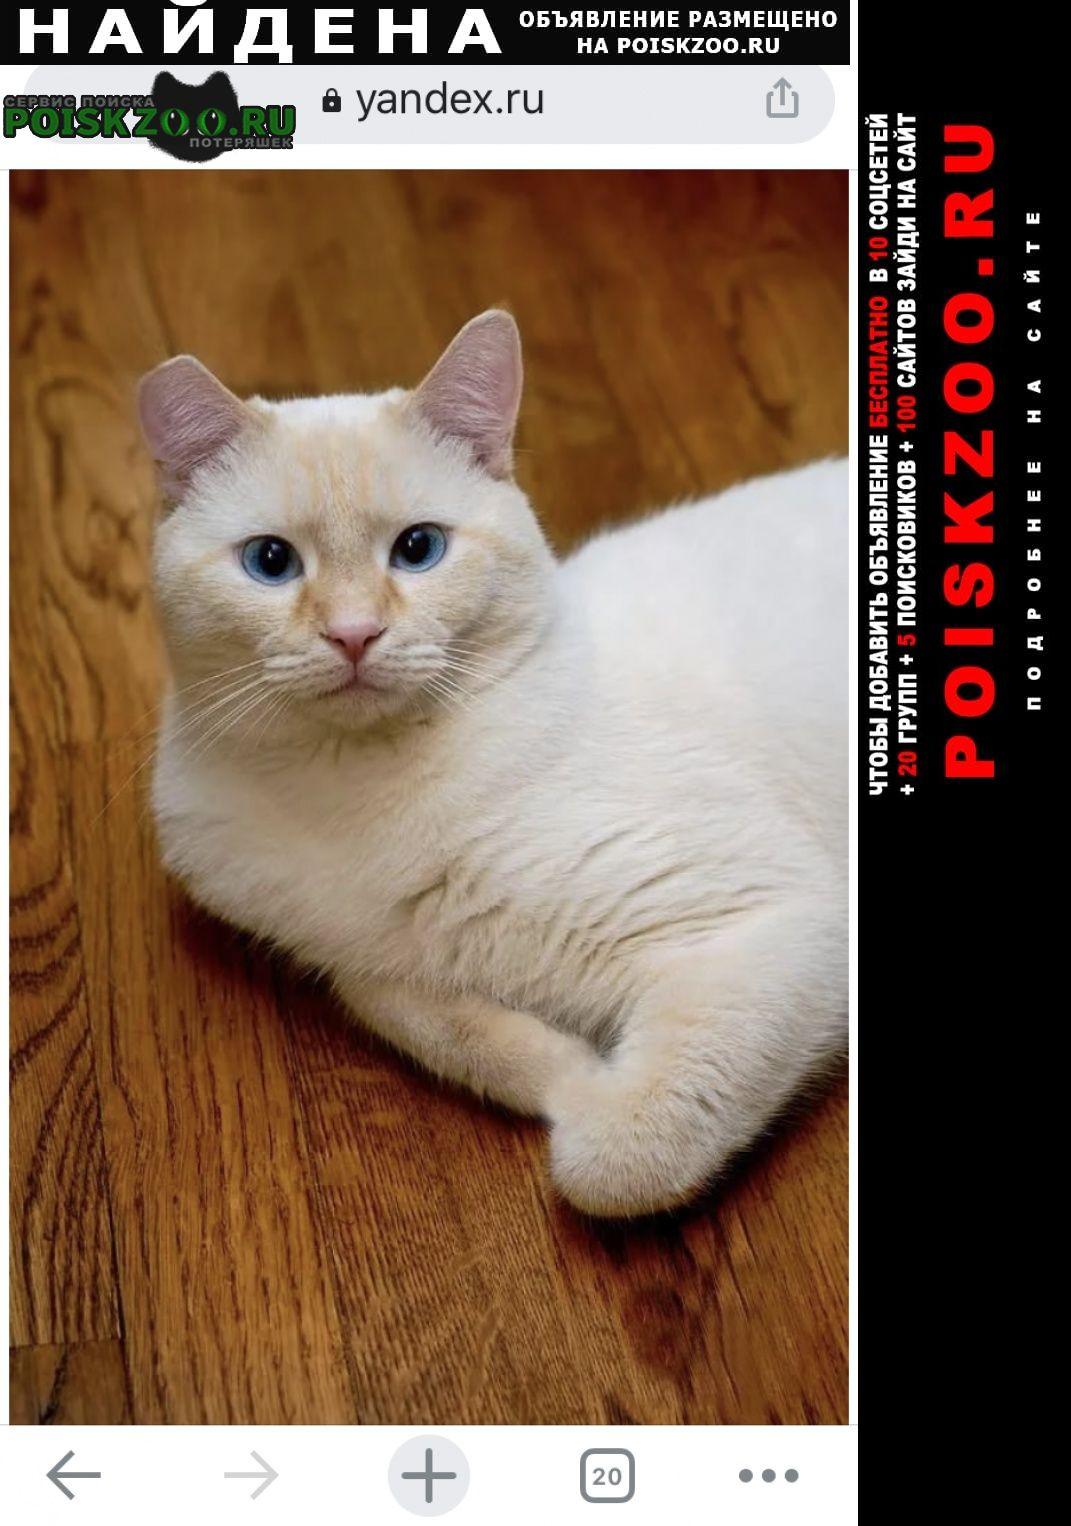 Найдена кошка кот таец сил ред поинт Москва